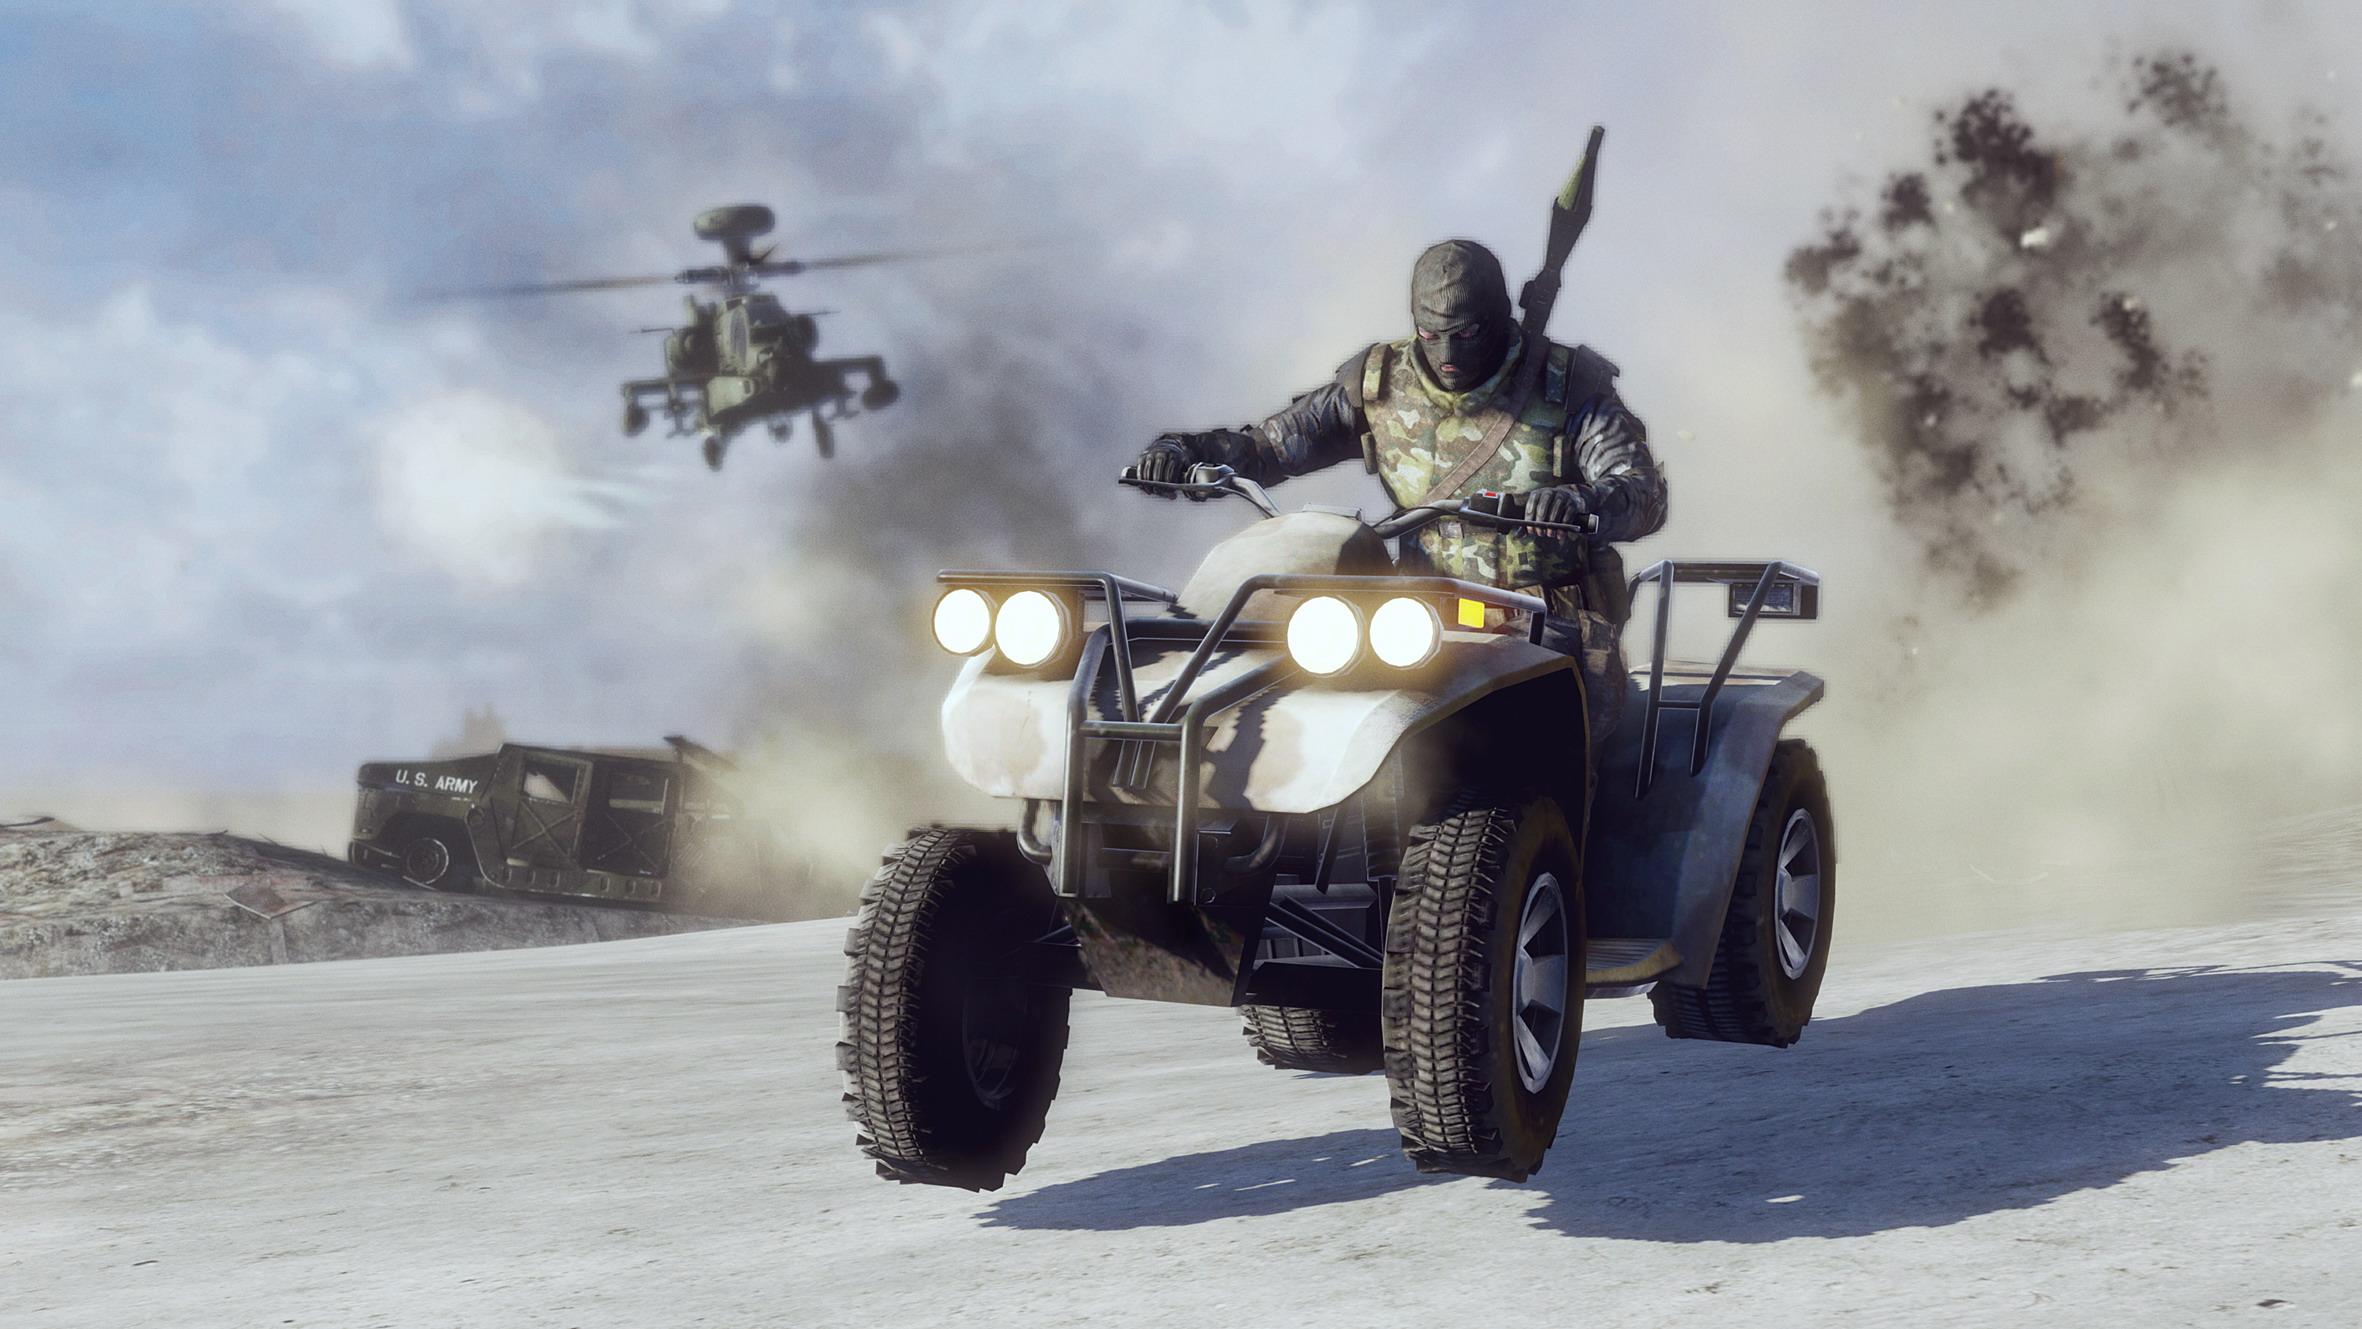 Battlefieldbc2 edit004